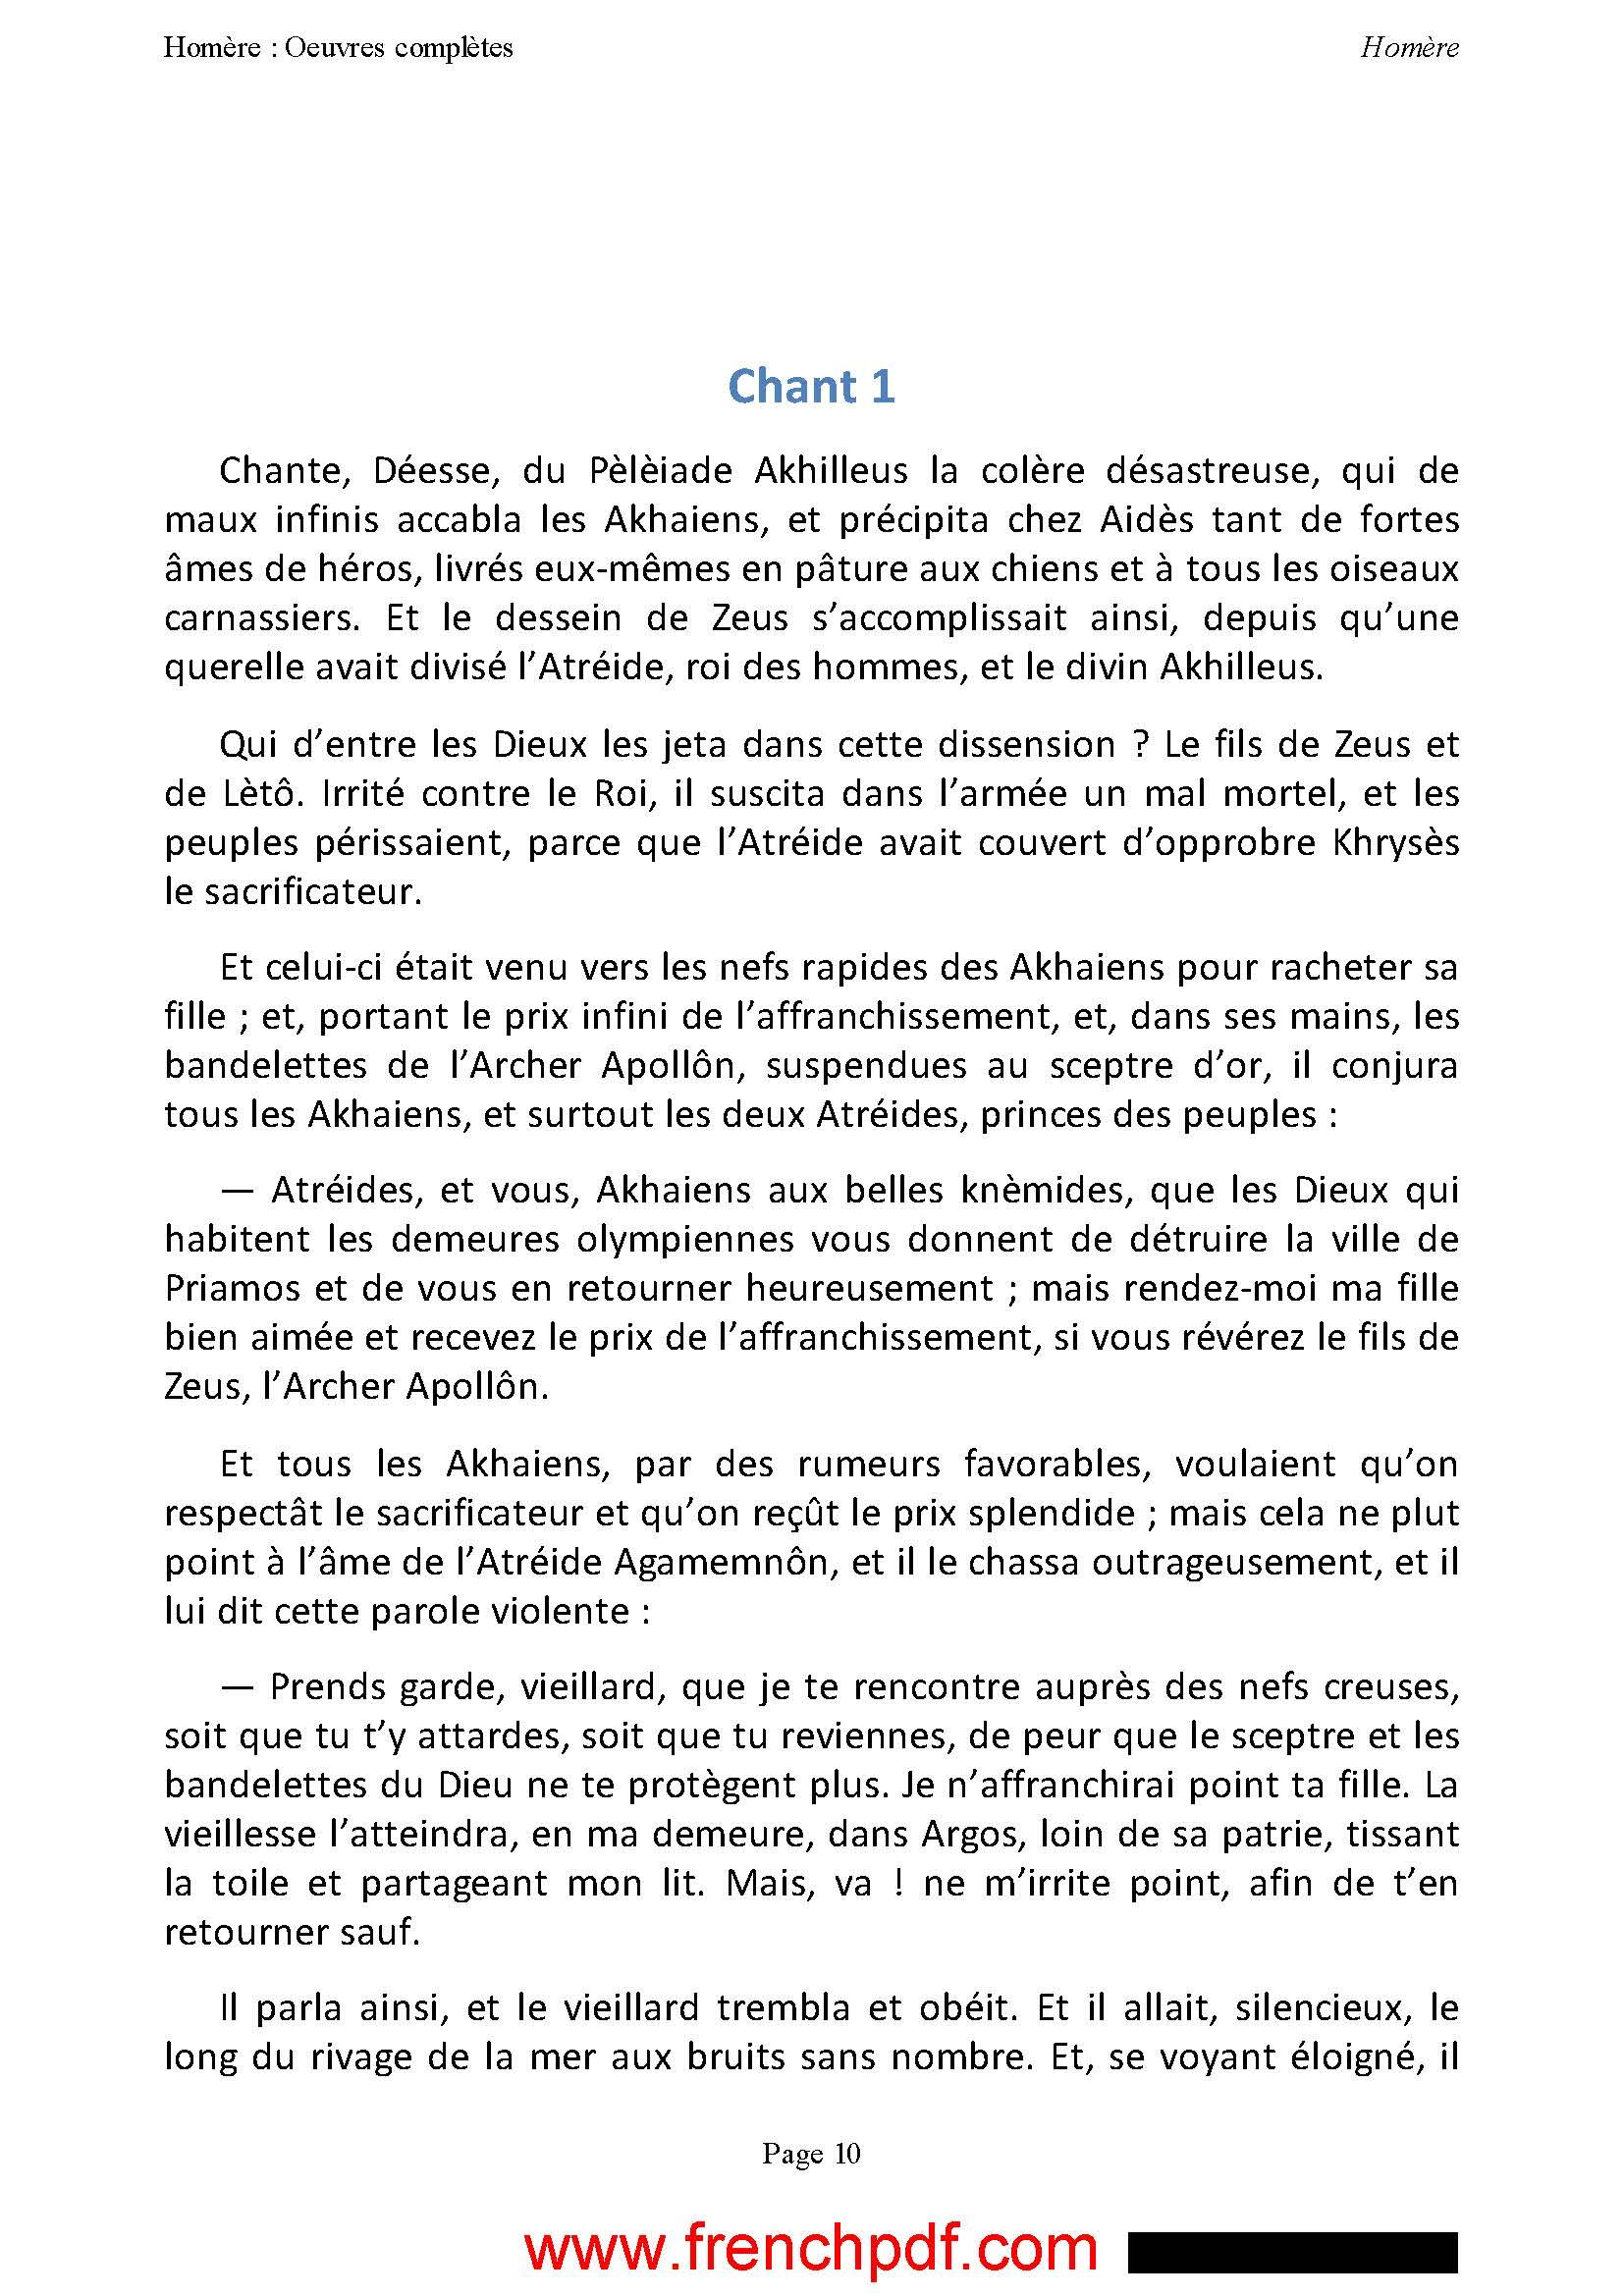 Homère Oeuvres complètes et annexes PDF à télécharger 2